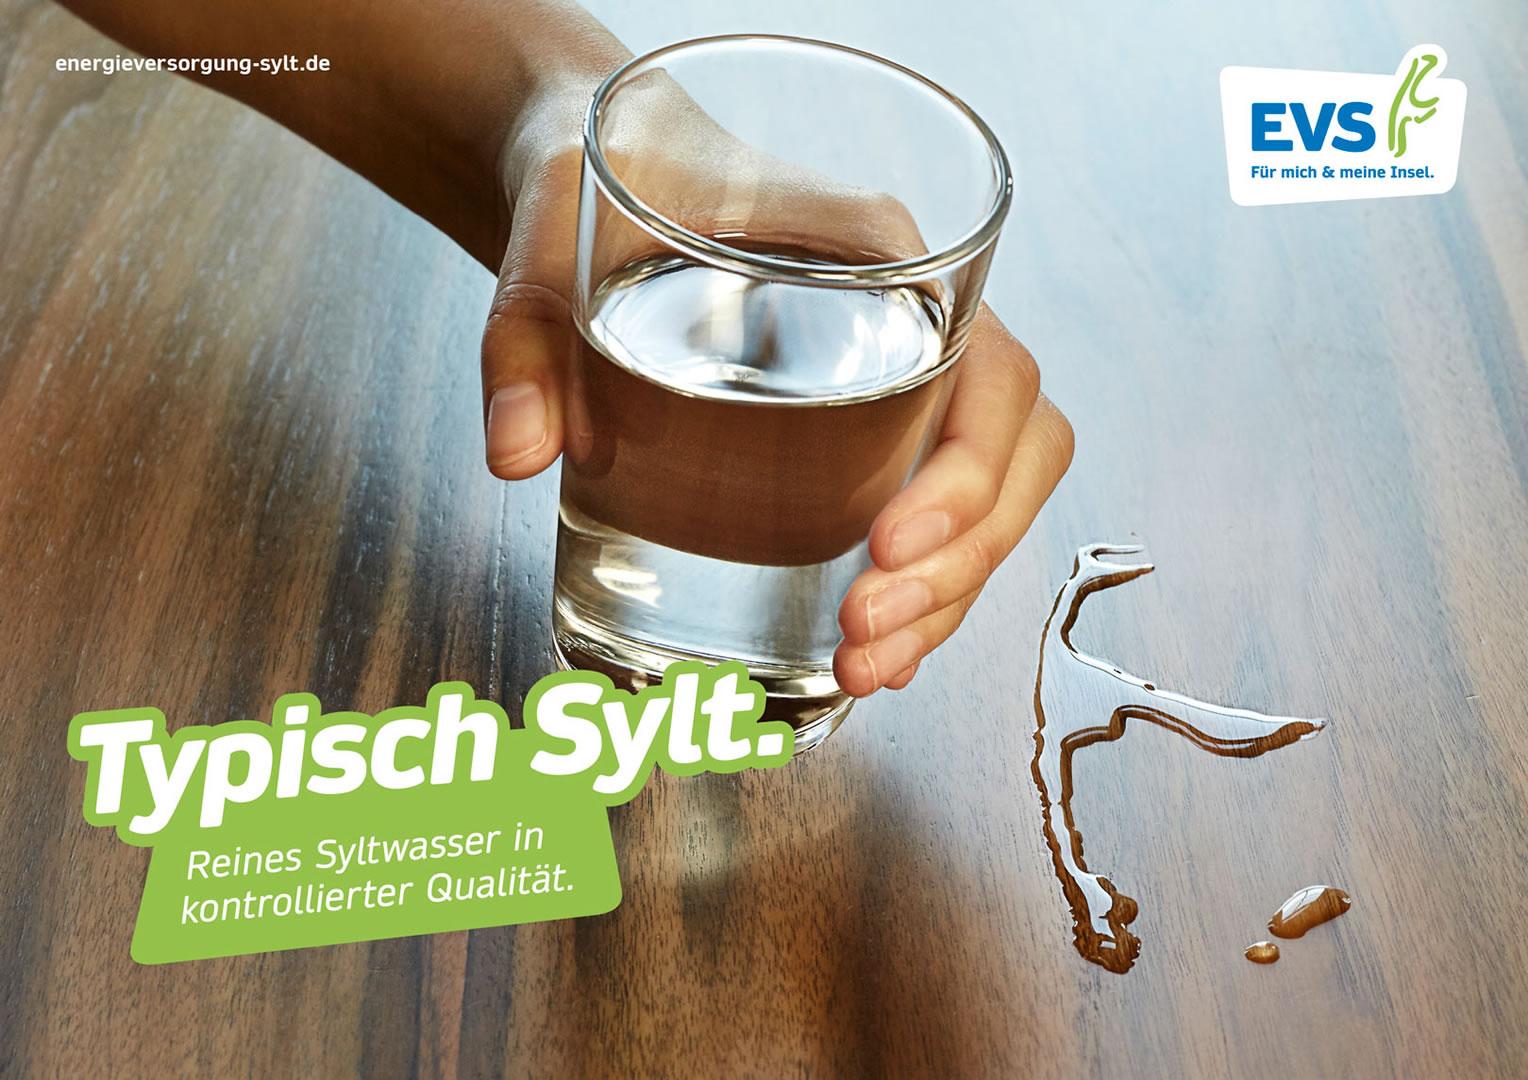 EVS_TypischSylt_Motive8